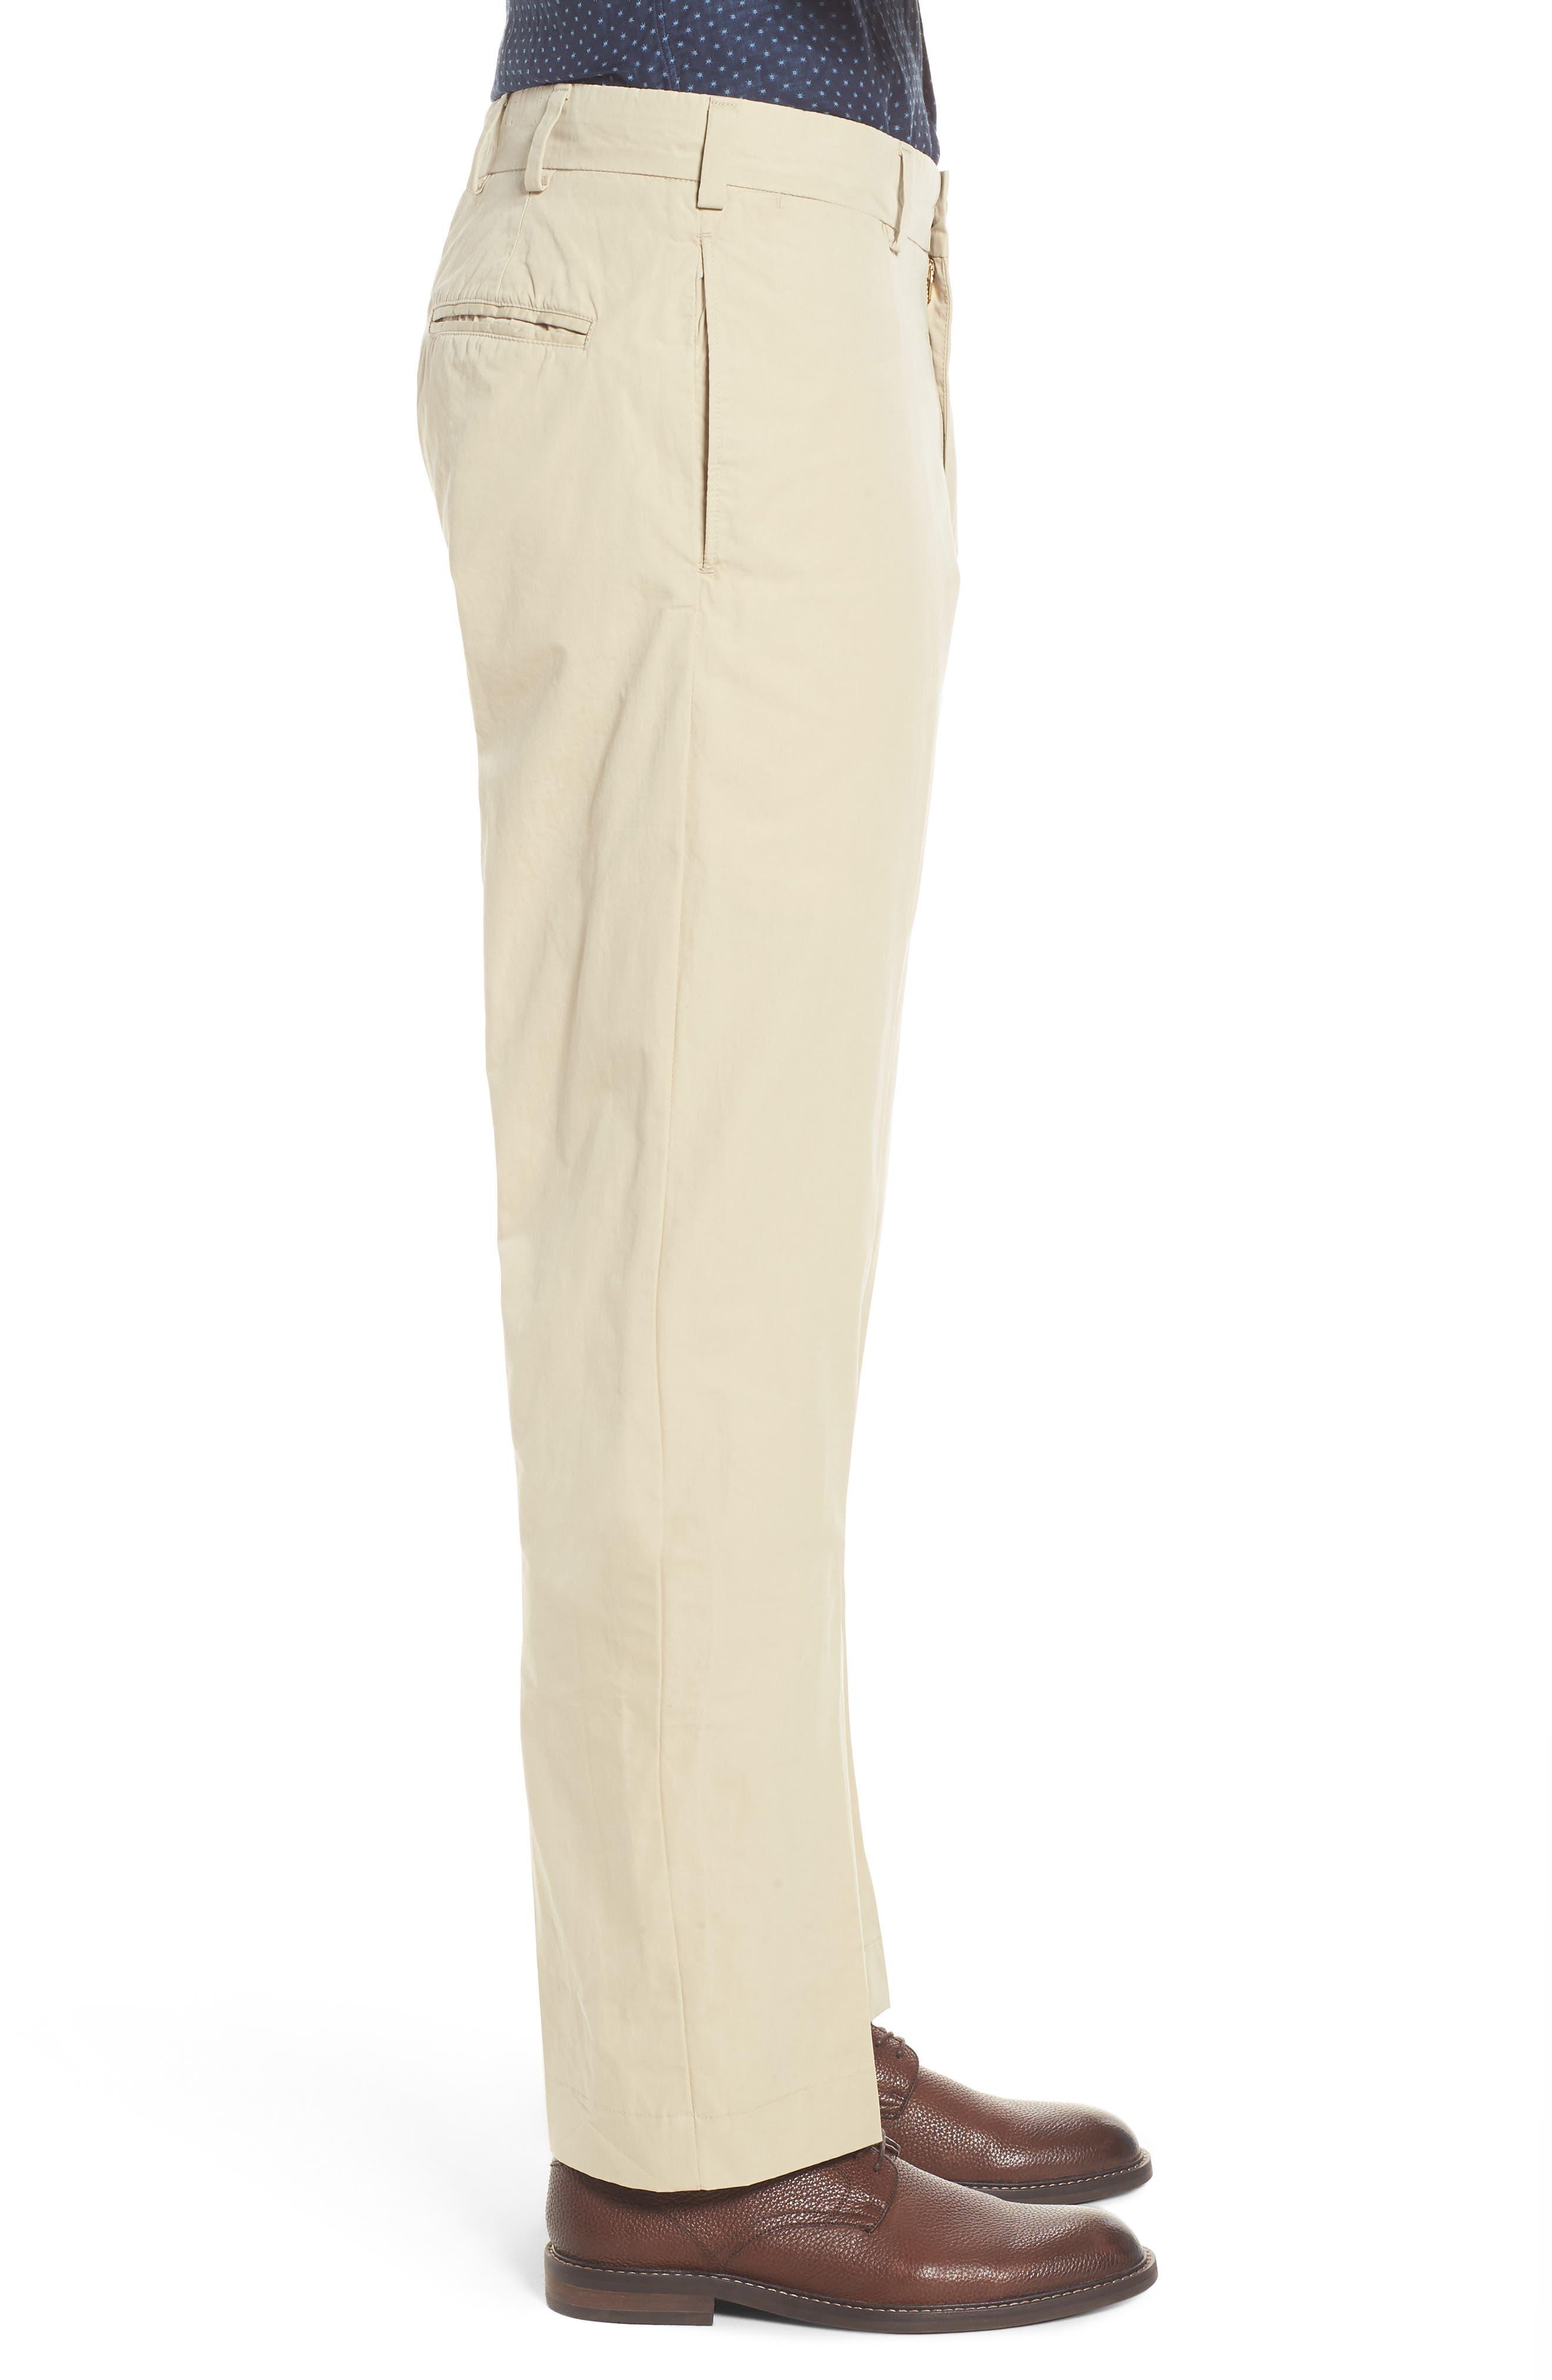 M2 Classic Fit Flat Front Tropical Cotton Poplin Pants,                             Alternate thumbnail 3, color,                             250